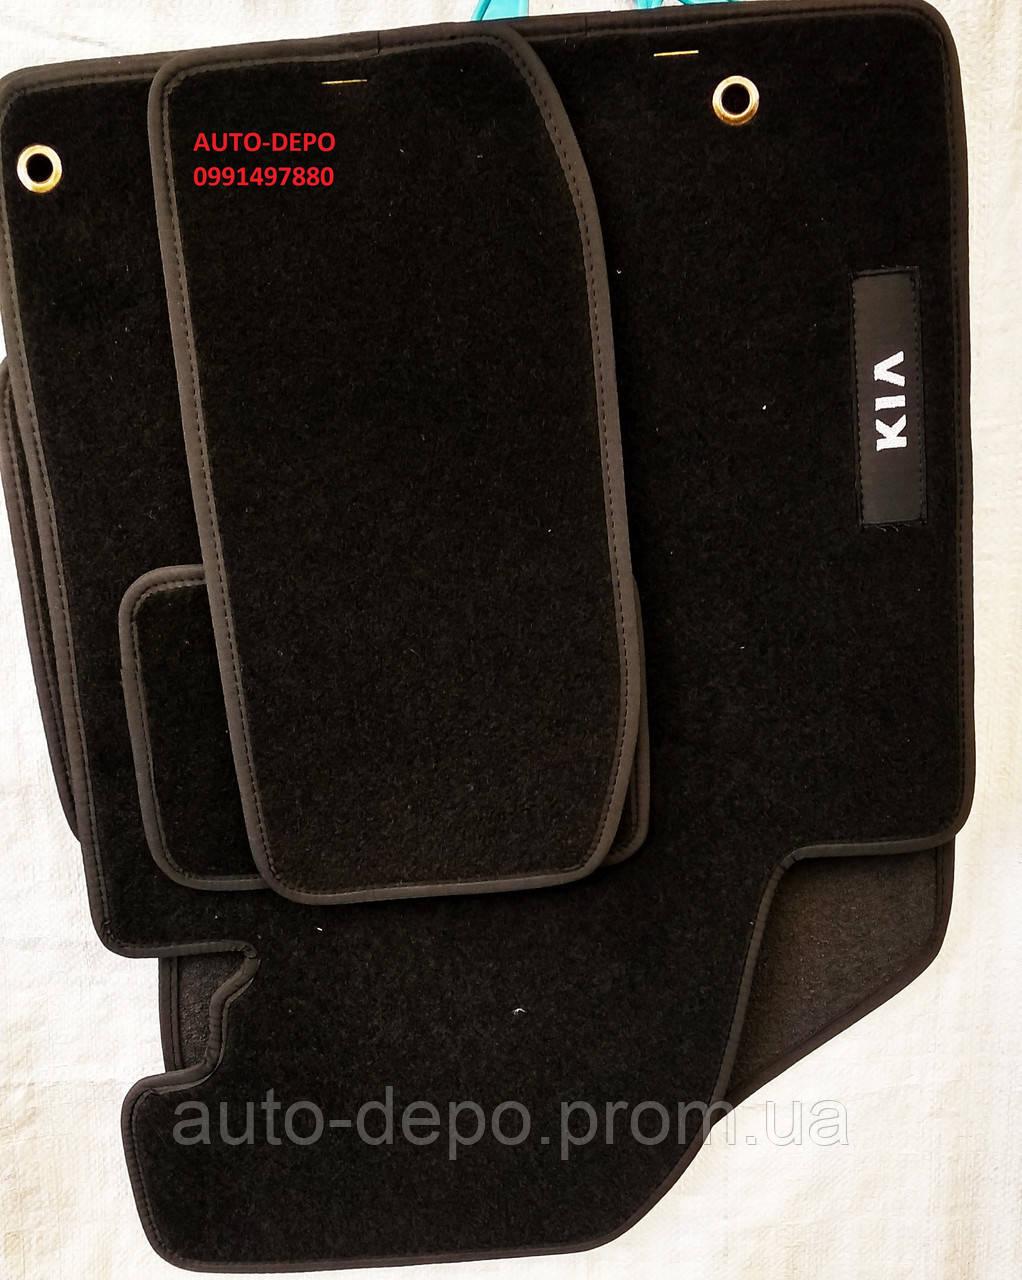 Ворсовые автомобильные коврики Kia Sorento 2006- CIAC GRAN